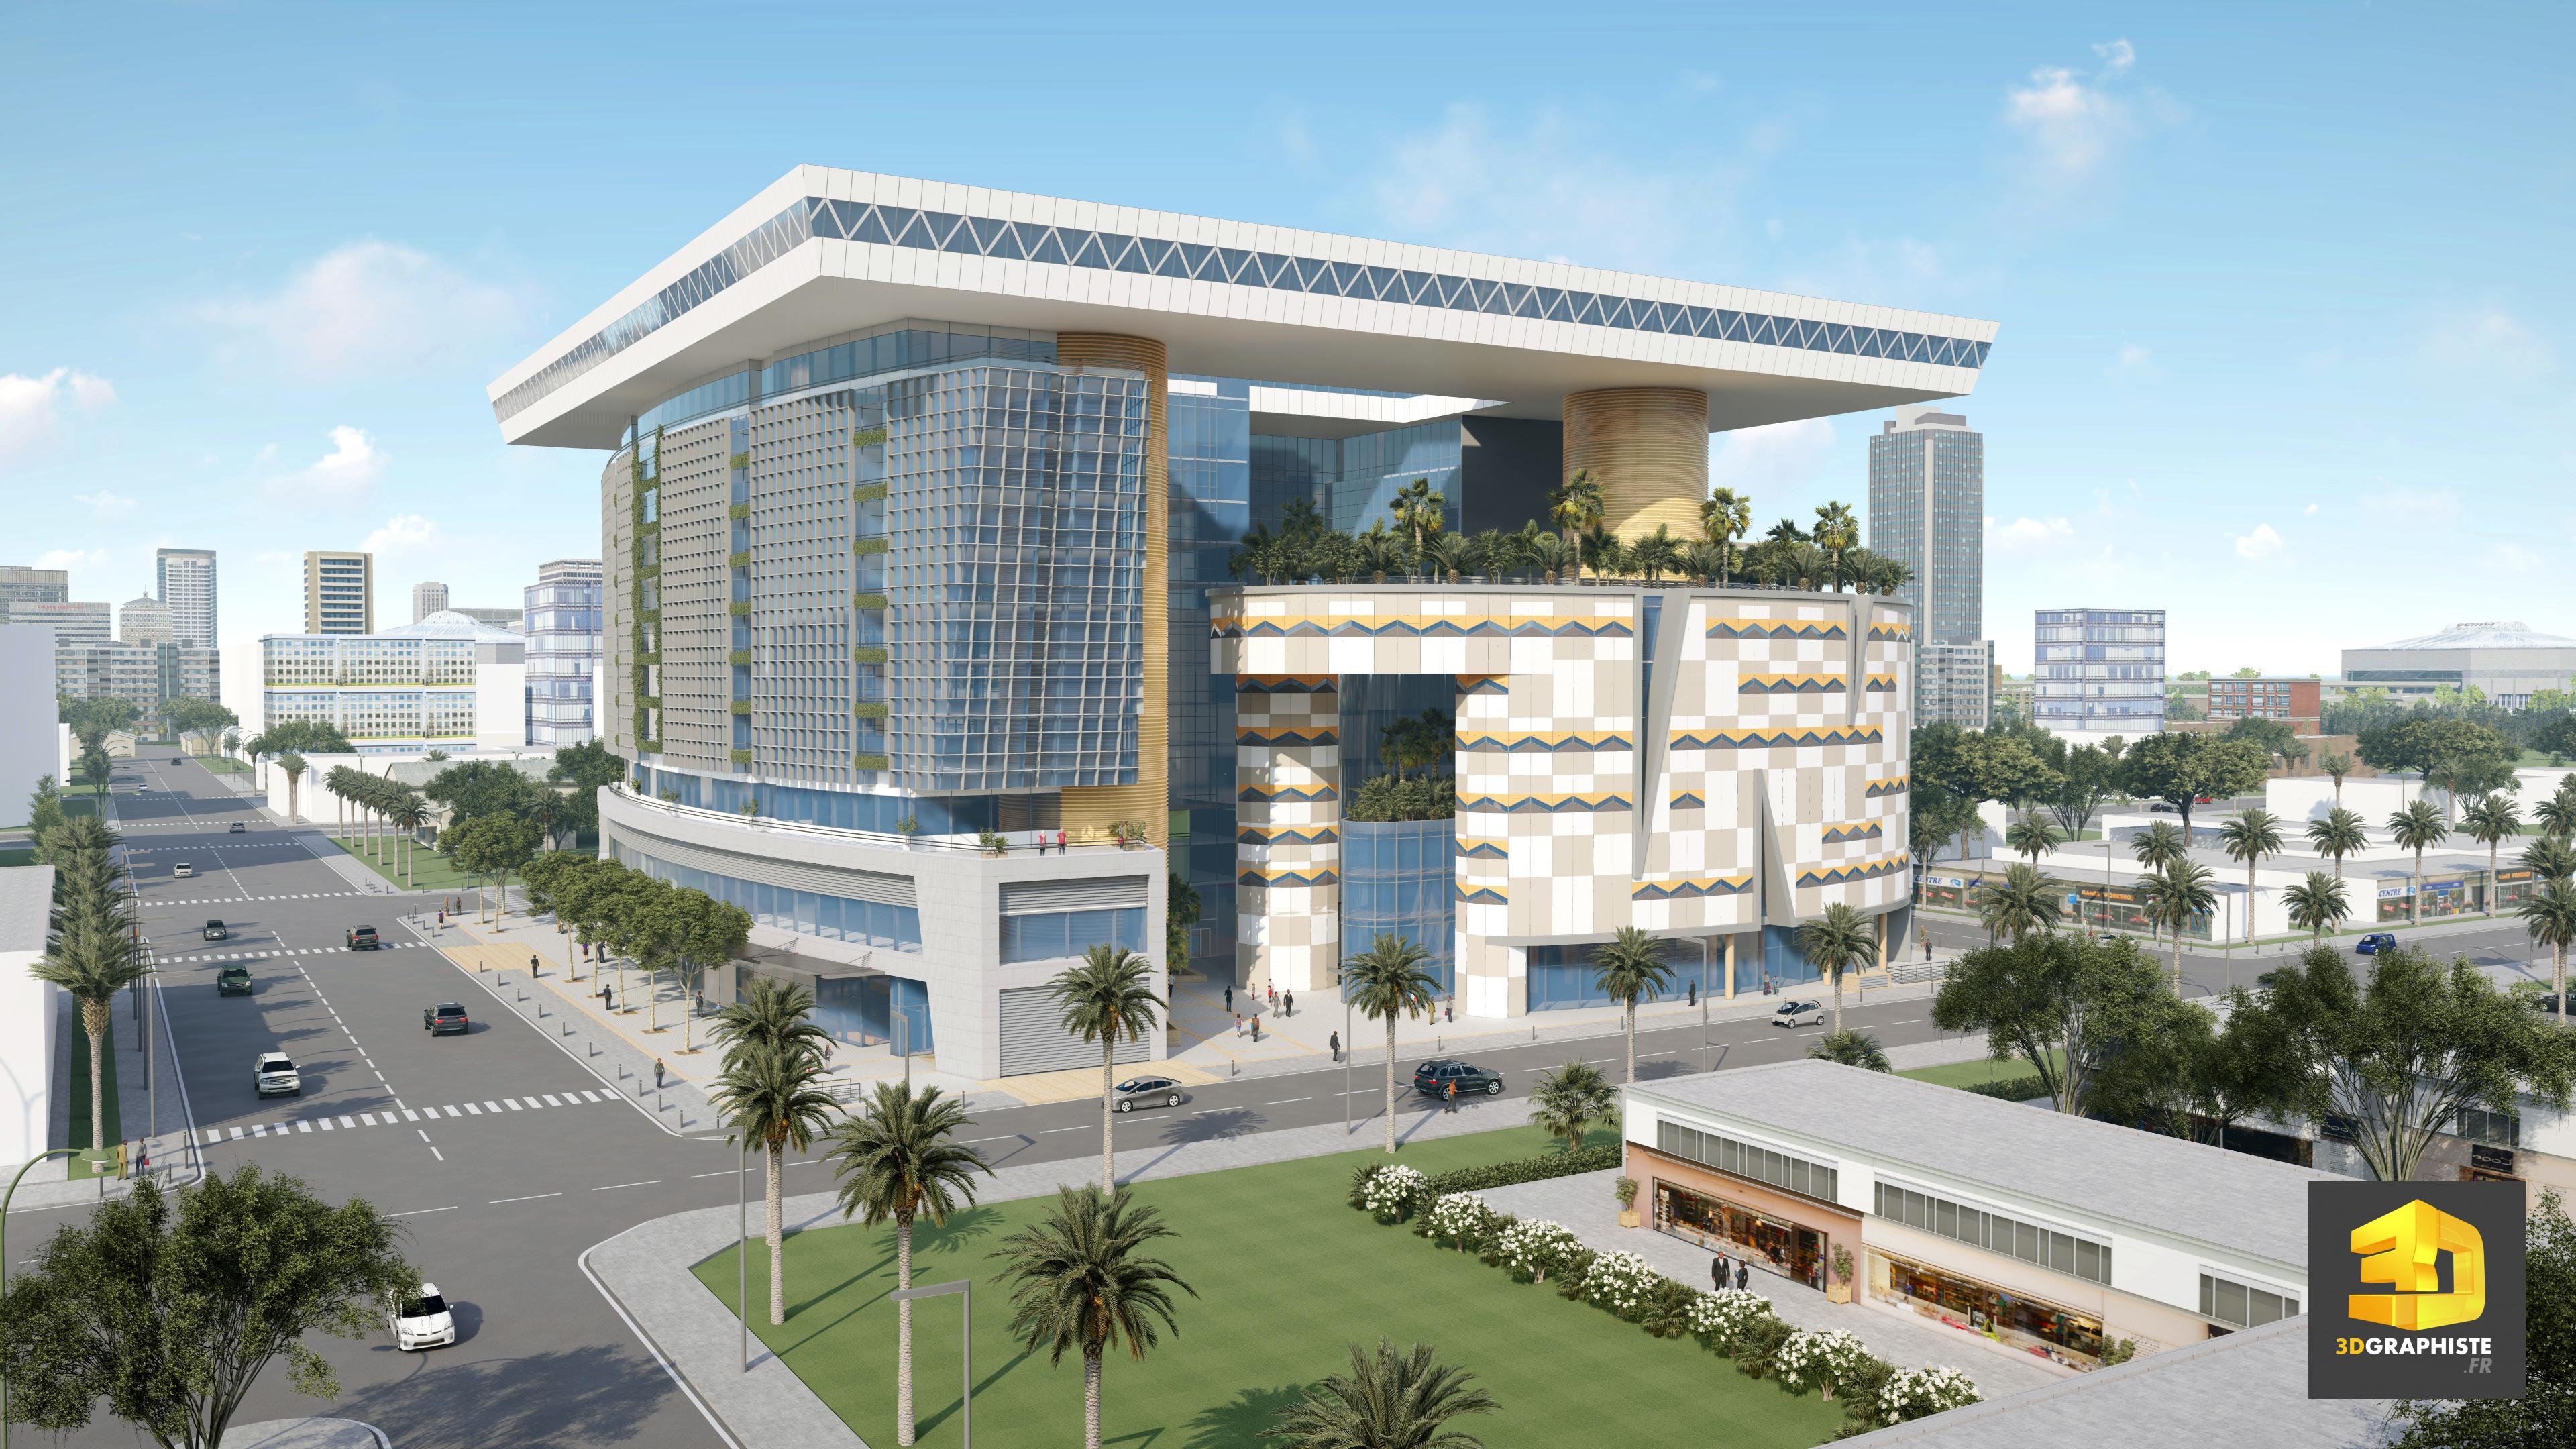 Infographiste architecture cr ation de perspectives et d 39 animations 3d - Cabinet d architecture abidjan ...